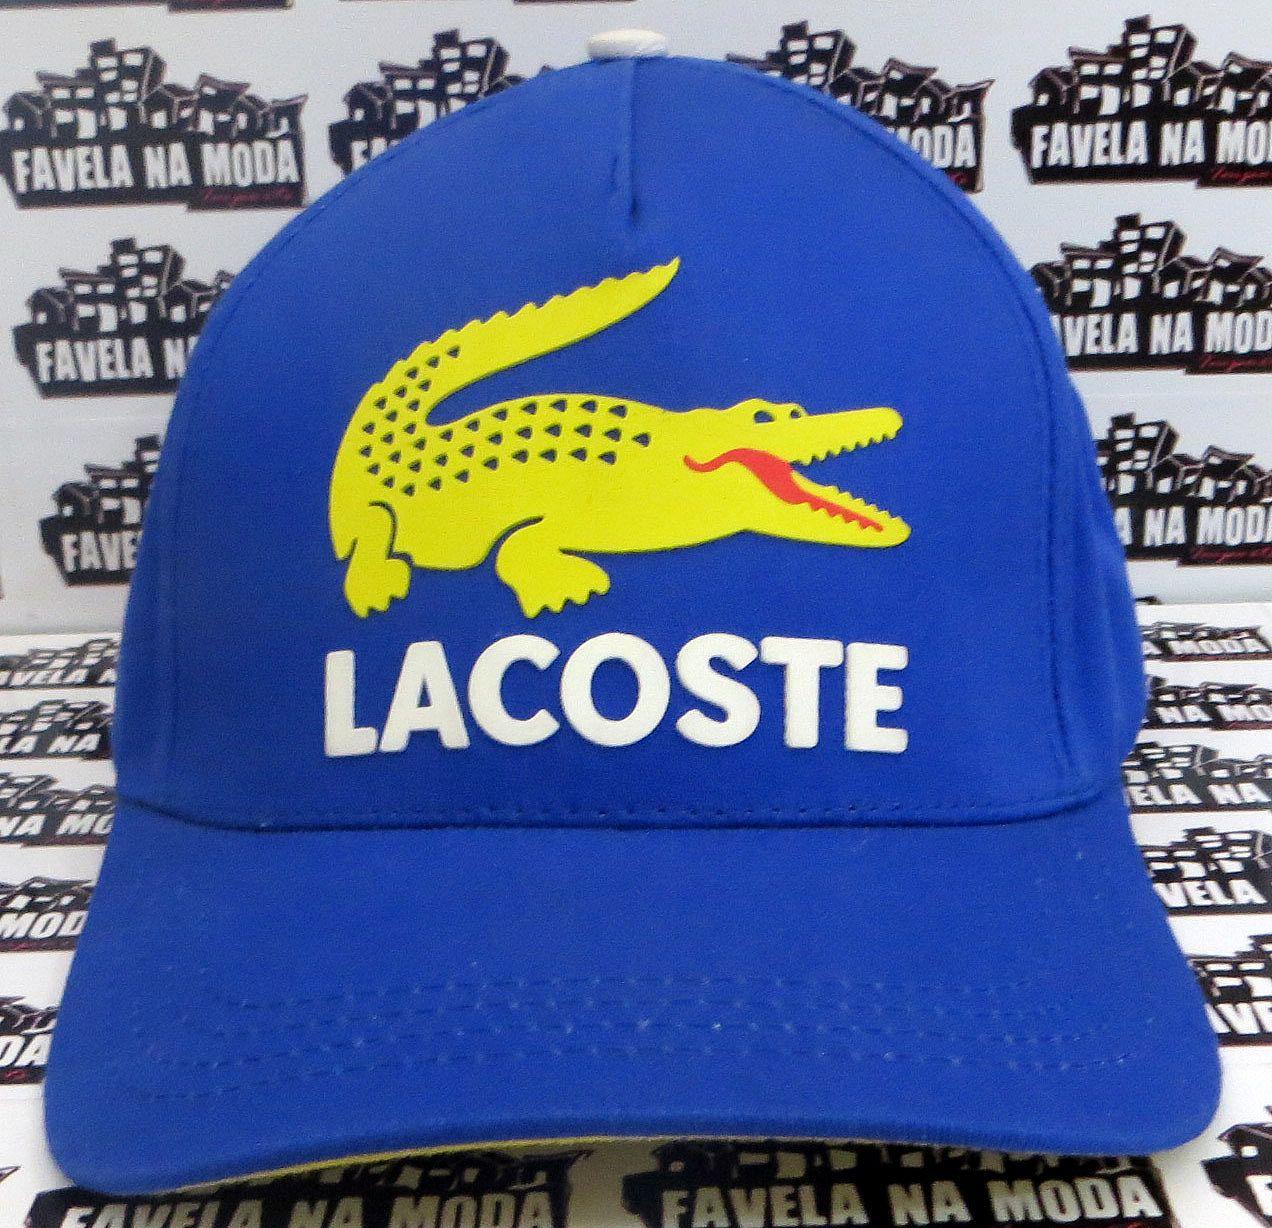 8012ce86389 Boné Lacoste de Fivela - Azul   Jacaré amarelo. Apenas  R  139 ...